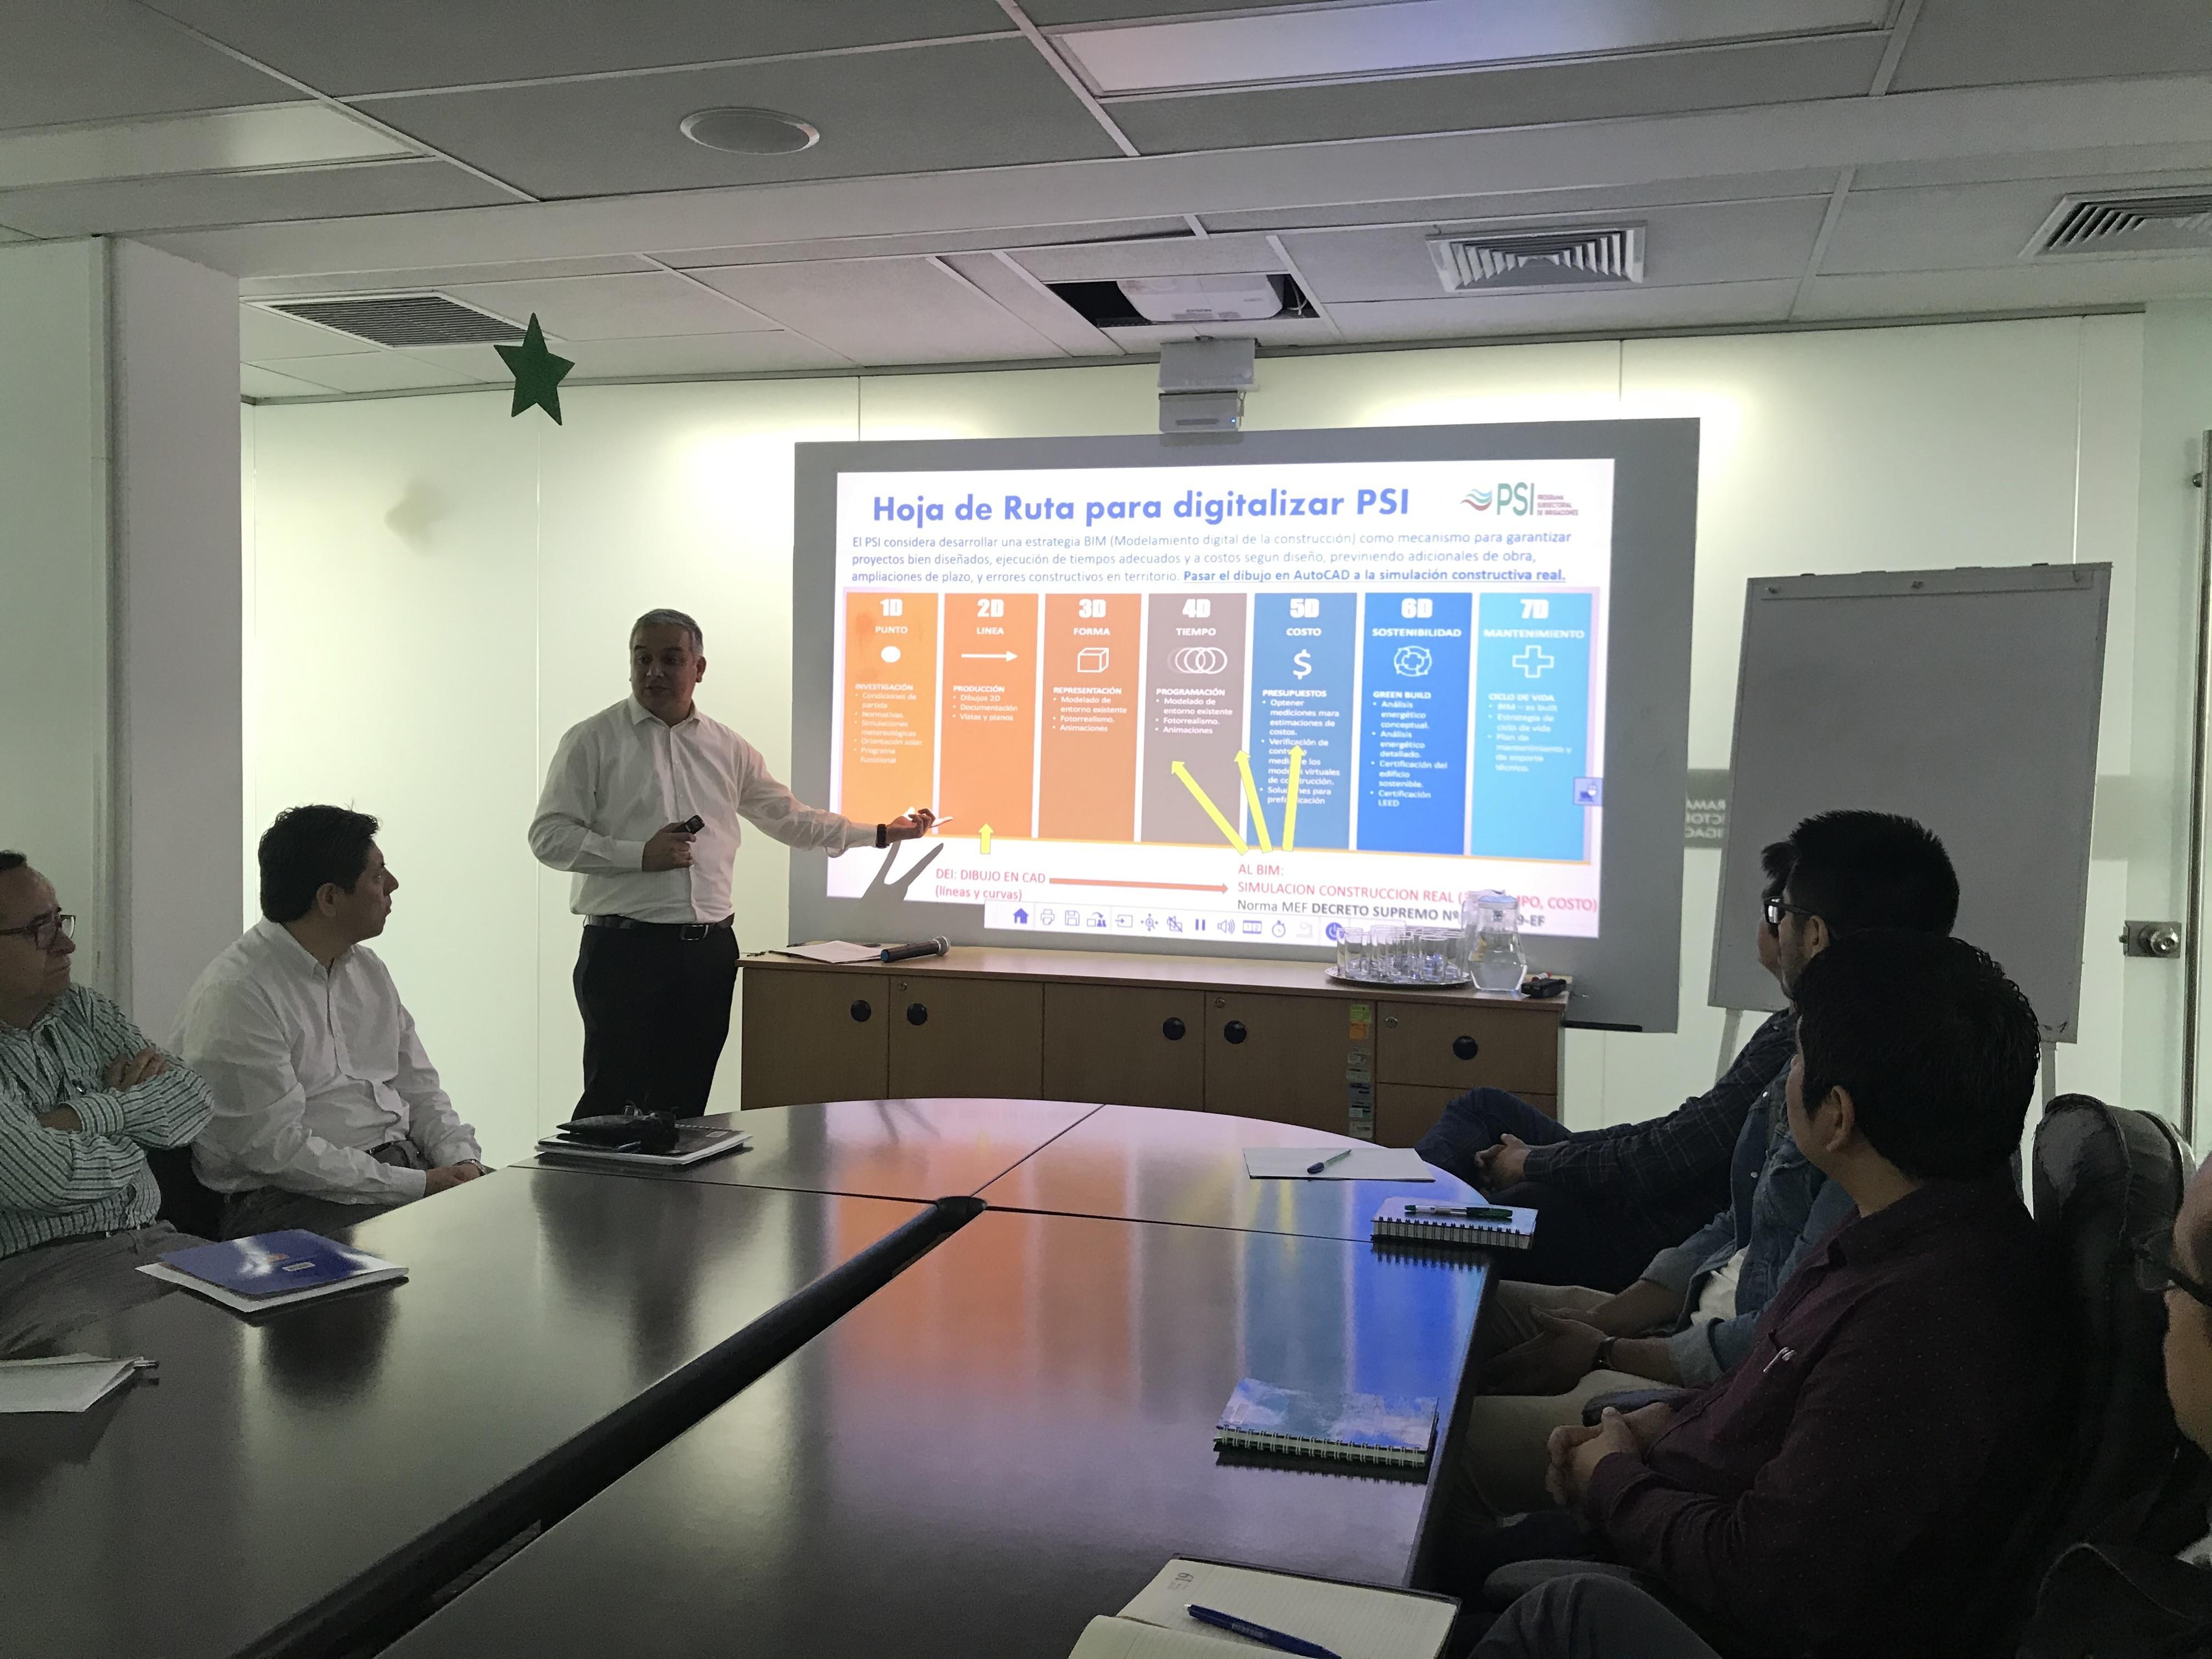 Evaluación del estado actual en tecnología del Area de Proyectos del PSI de MINAGRI